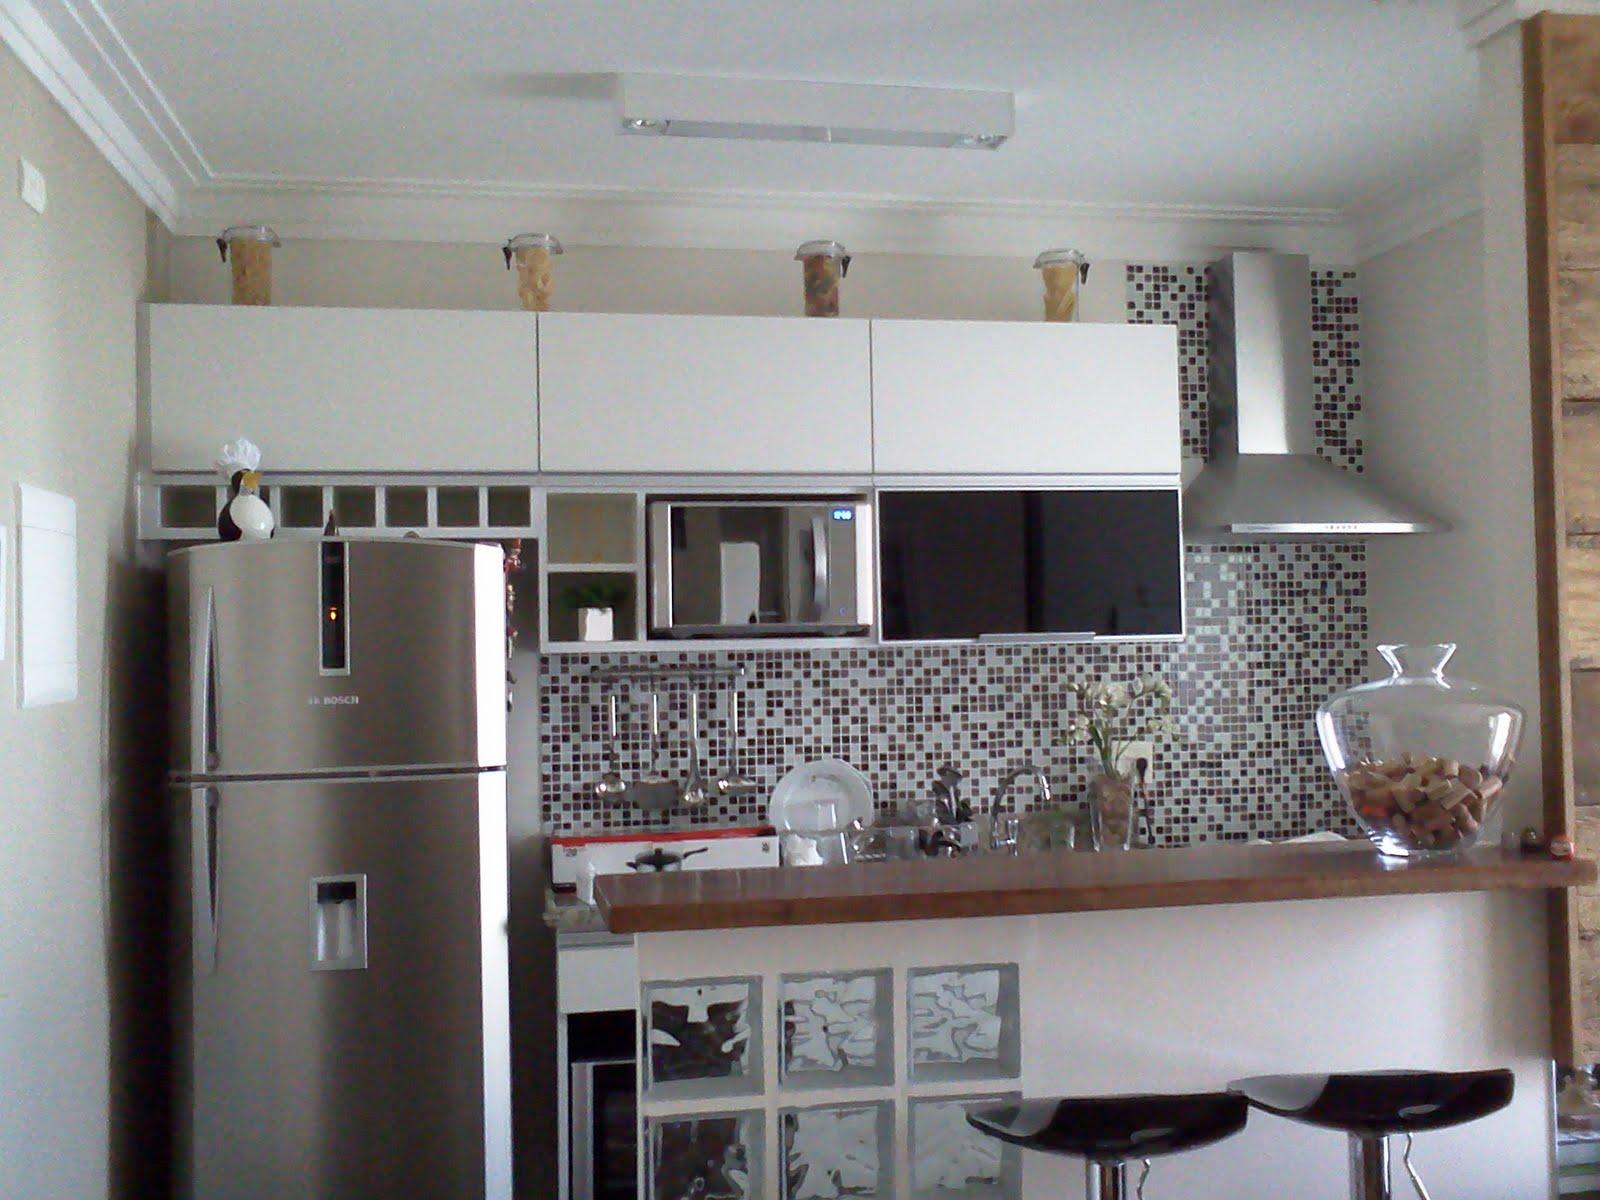 #604942 Loja online de Carmen Decor Carmen Indica — Carmen Decor 1600x1200 px Balcao De Cozinha Americana Marmore #2431 imagens